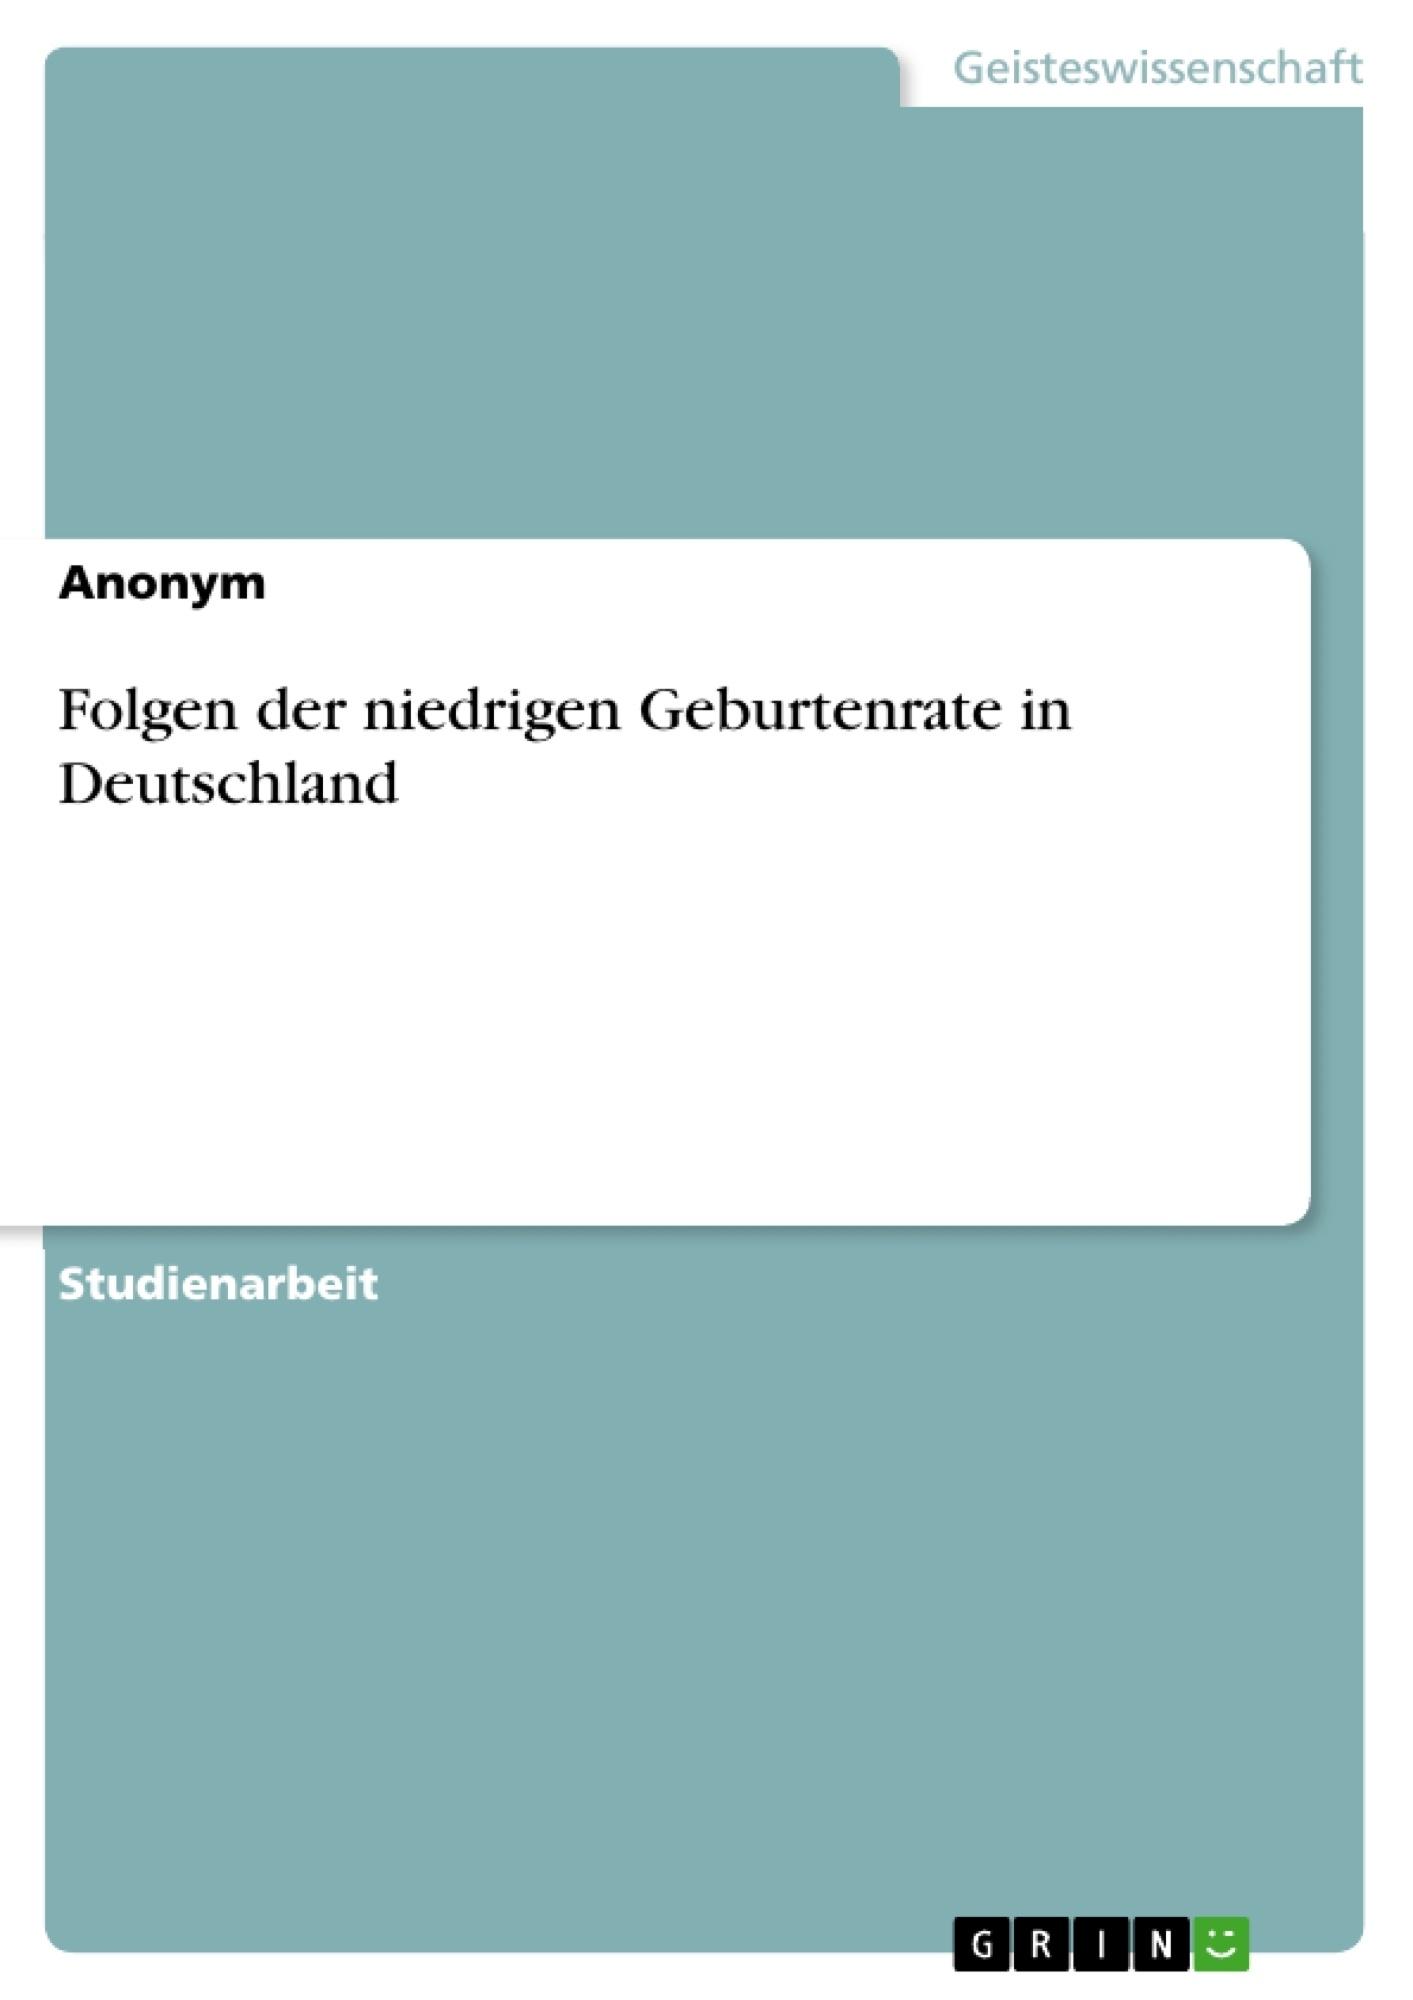 Titel: Folgen der niedrigen Geburtenrate in Deutschland